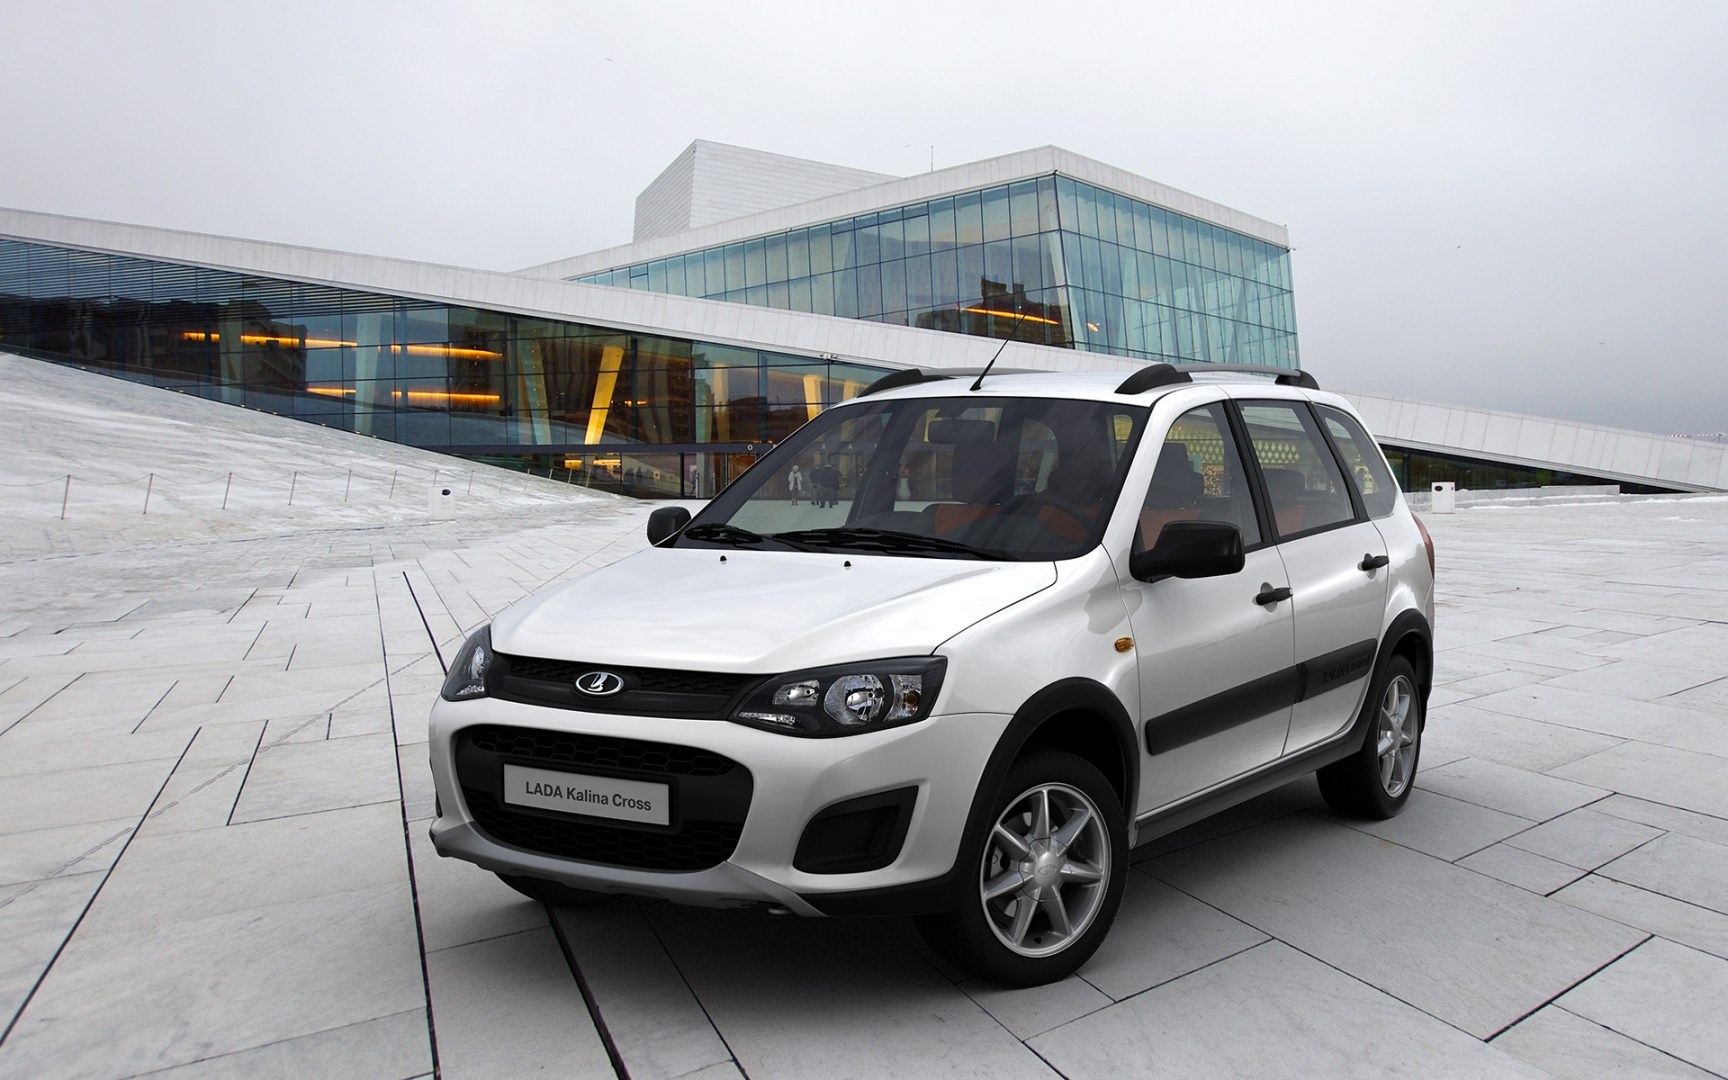 Лада калина кросс (lada kalina cross) 2019 в новом кузове - отзывы владельцев, фото, цена, технические характеристики, комплектации